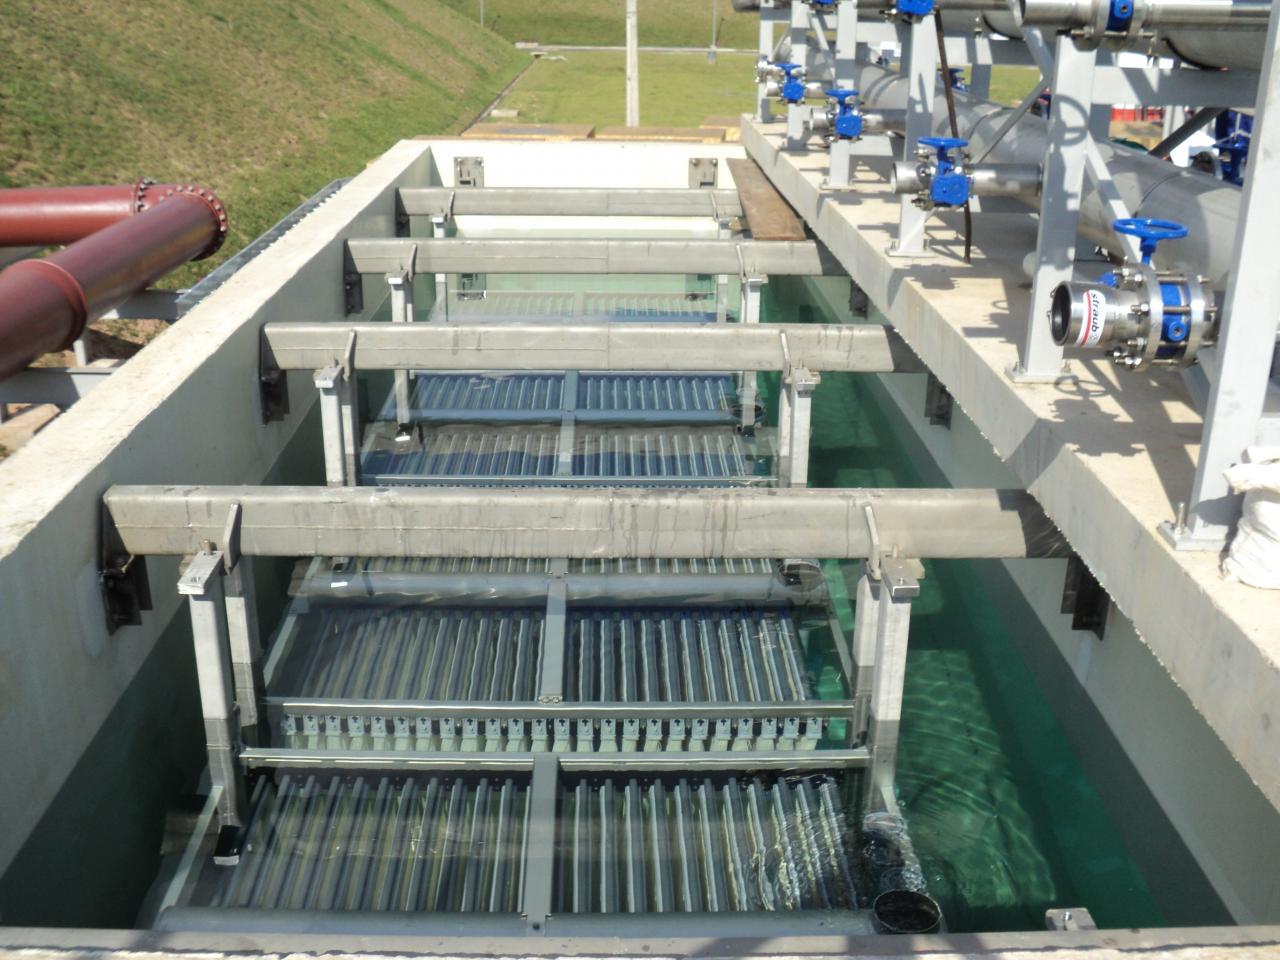 membr-bioreaktor